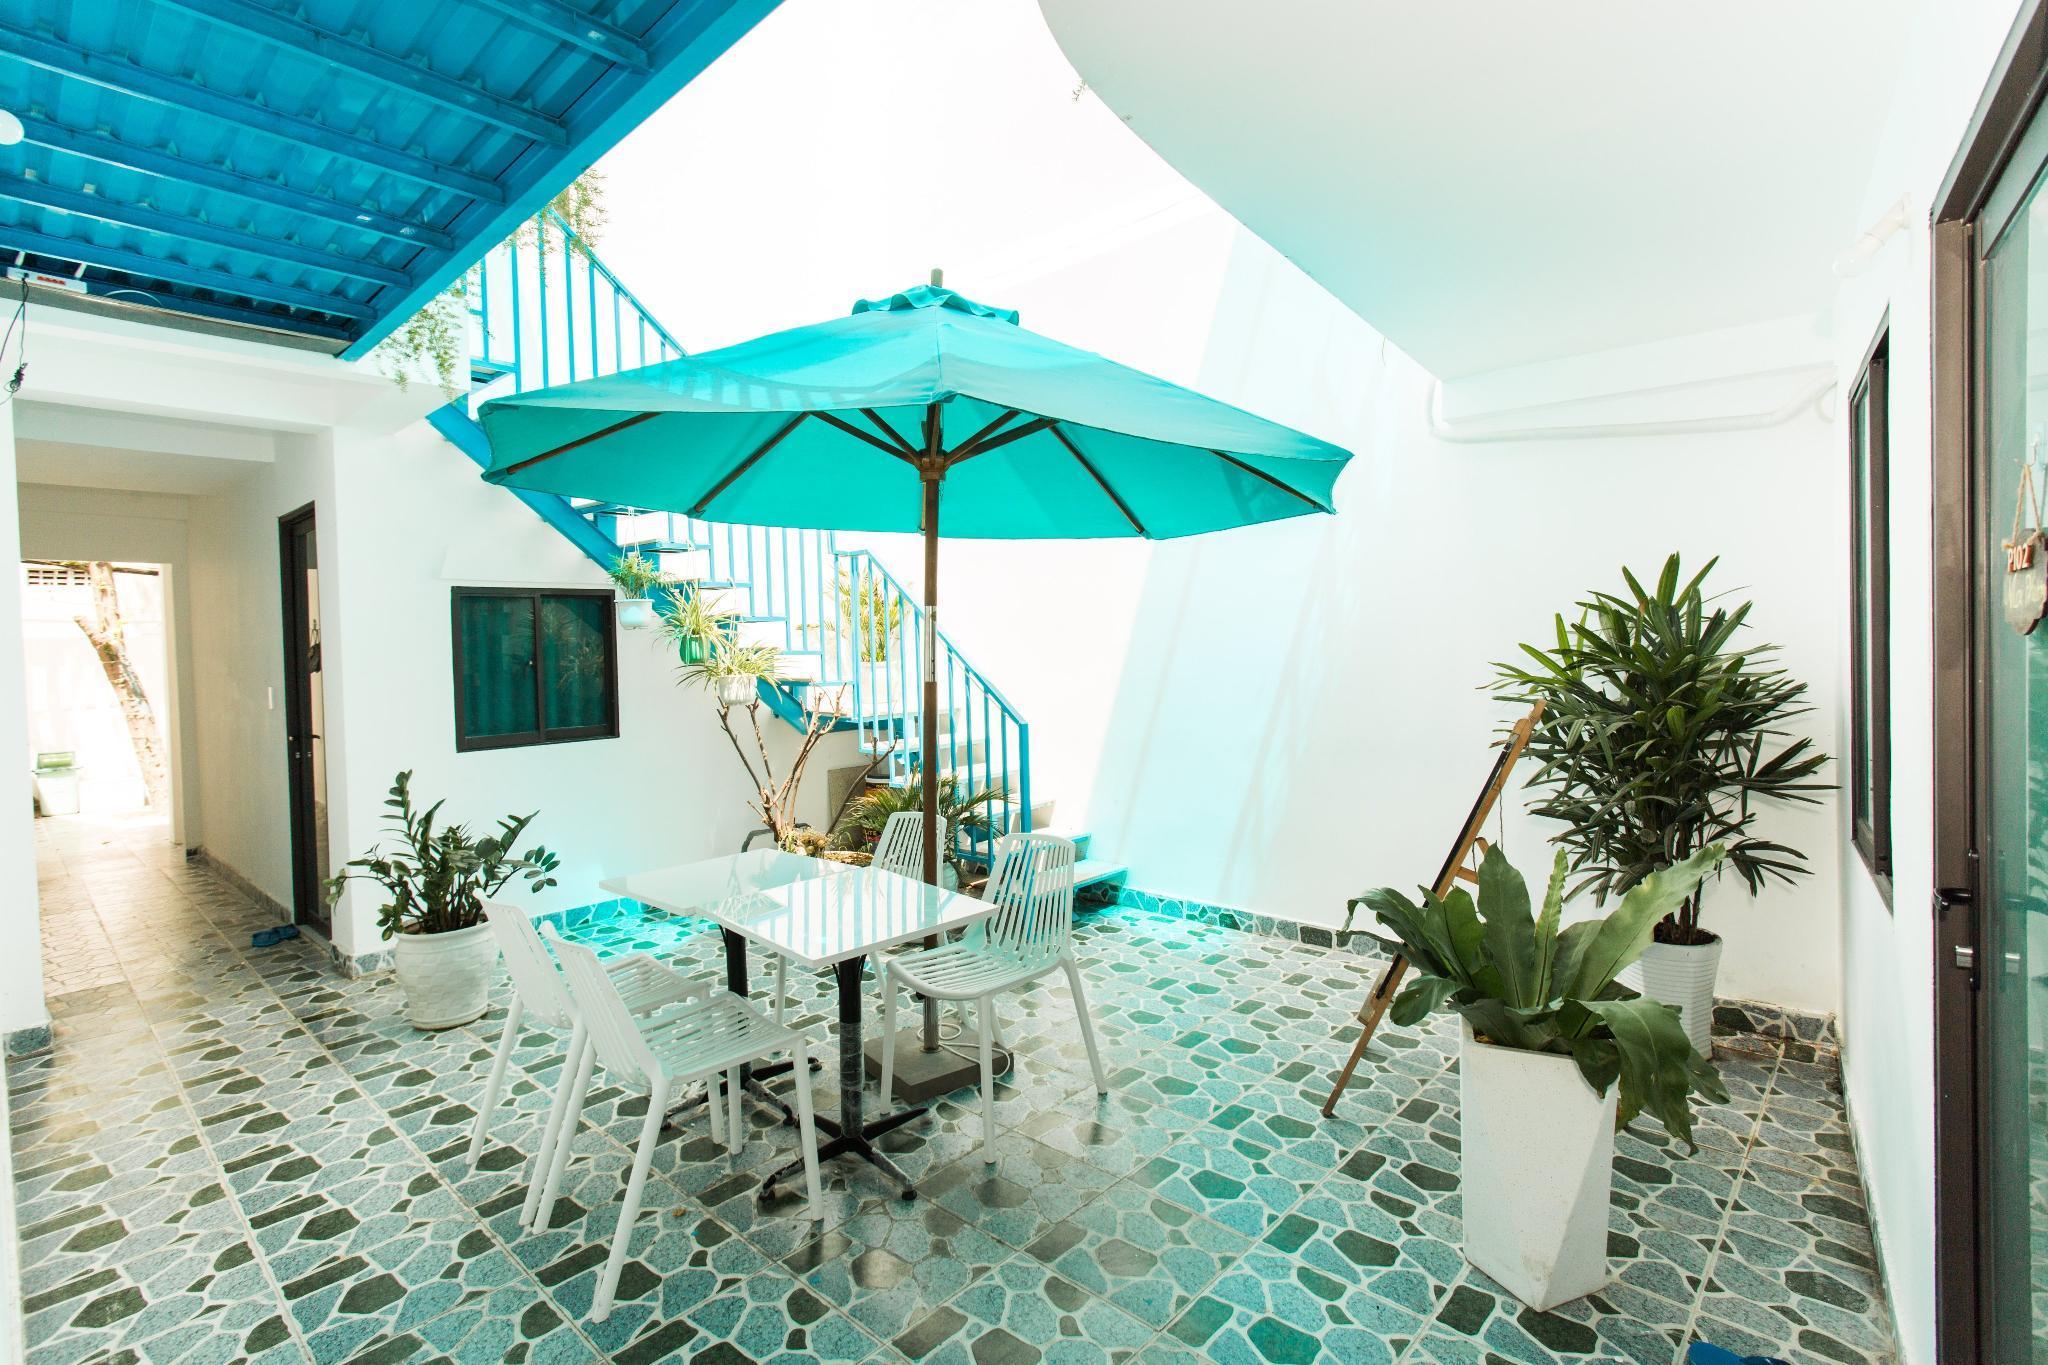 Hanigo   A Perfect Home For Big Family Or Group